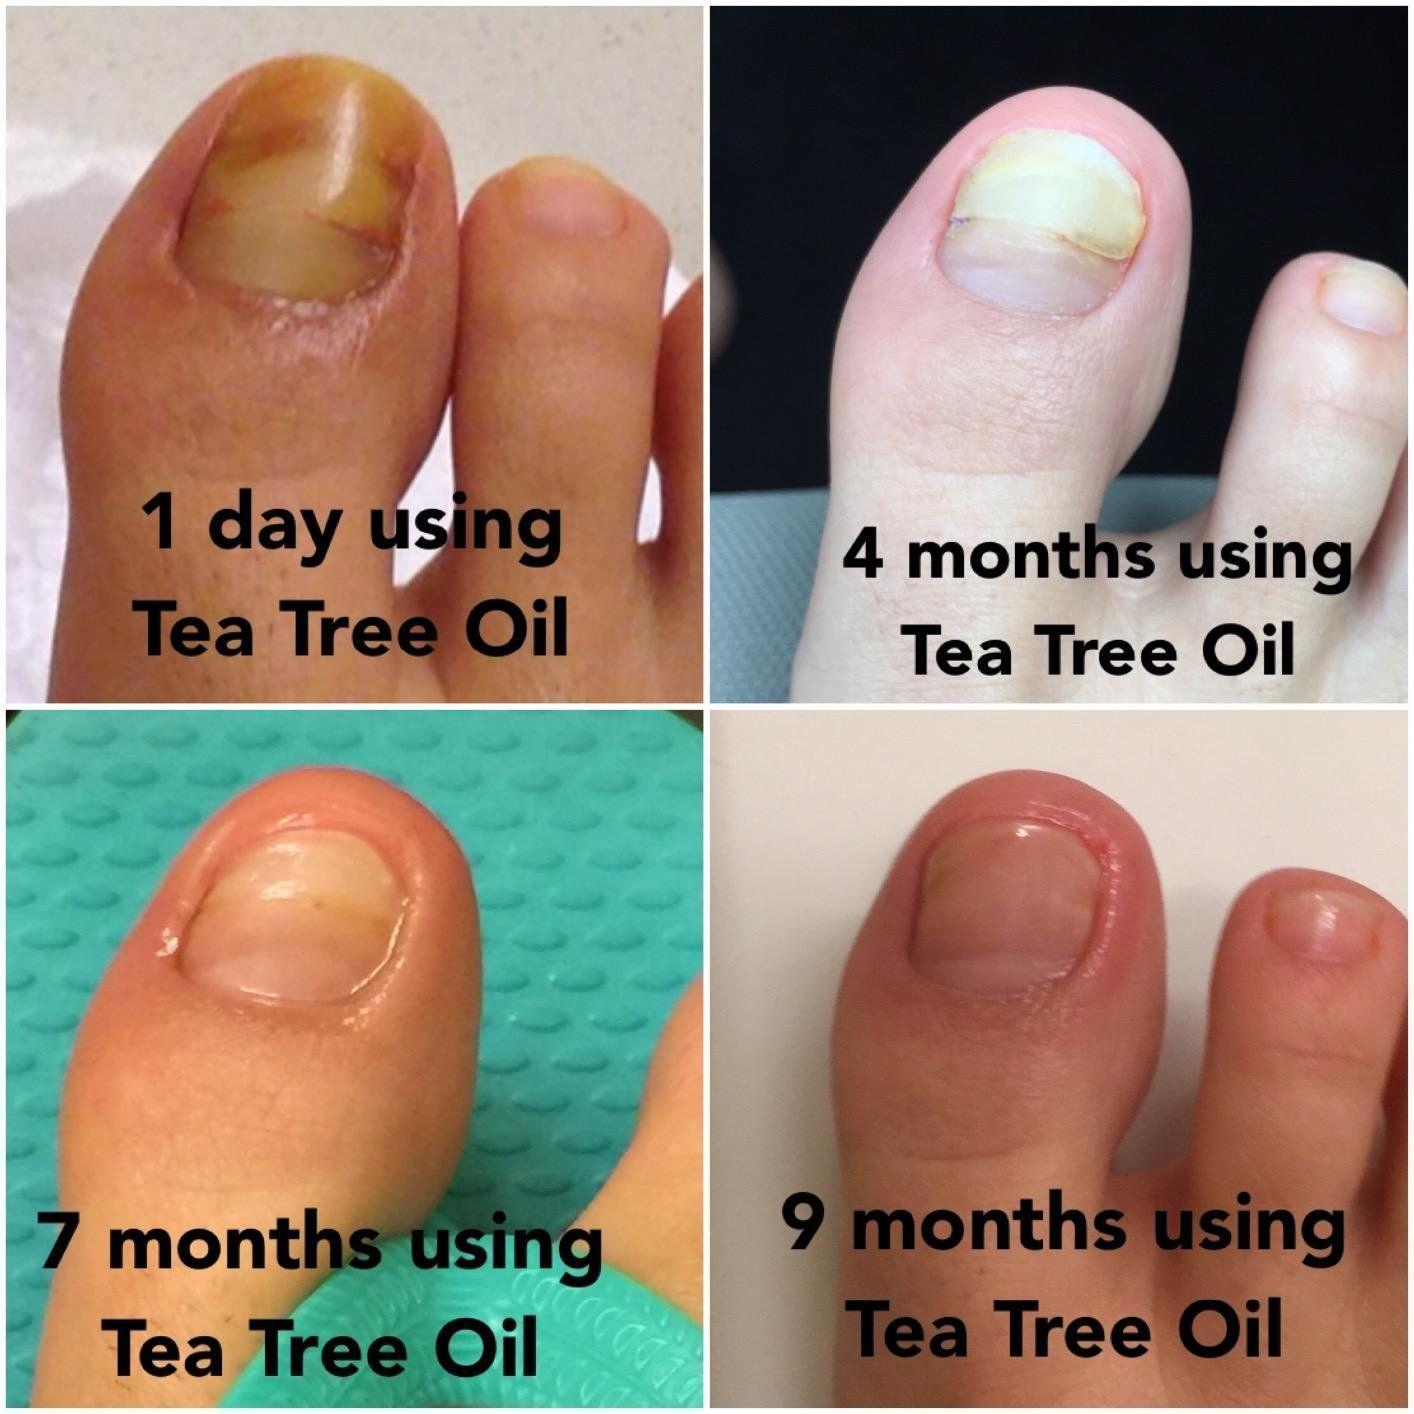 Amazon.com: Tea Tree Oil Foot Soak With Epsom Salt, Helps Treat Nail ...